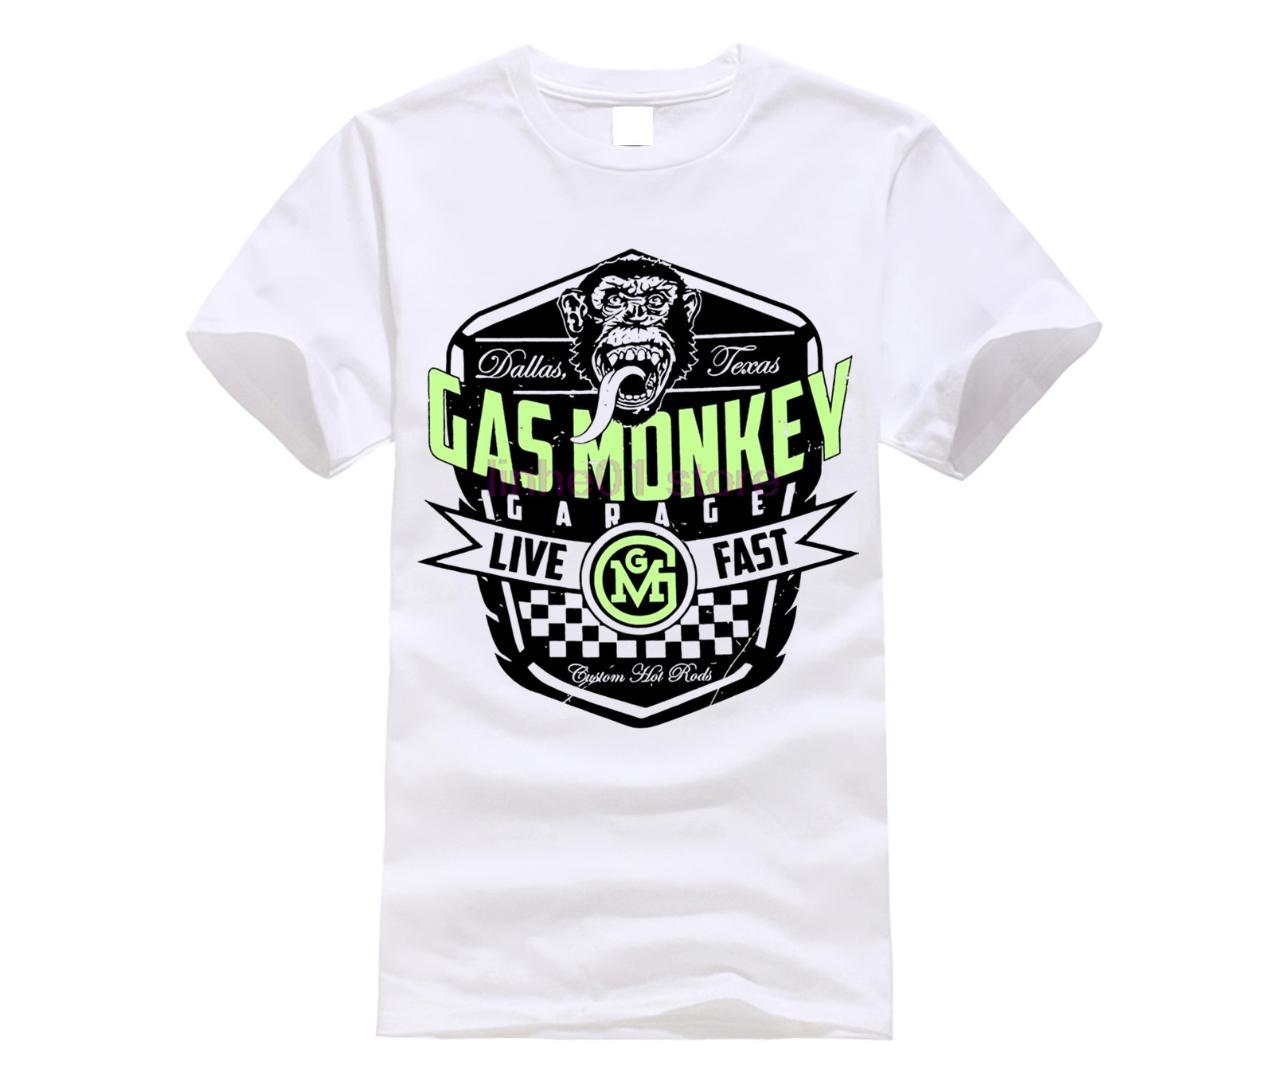 cafcccfe7 GILDAN 2019 NEW Shirt GAS MEN Shirt MONKEY Garage Live Fast Unisex Official  T Shirt Brand New Various Sizes TV Best T Shirt Online Buy Funky T Shirts  Online ...